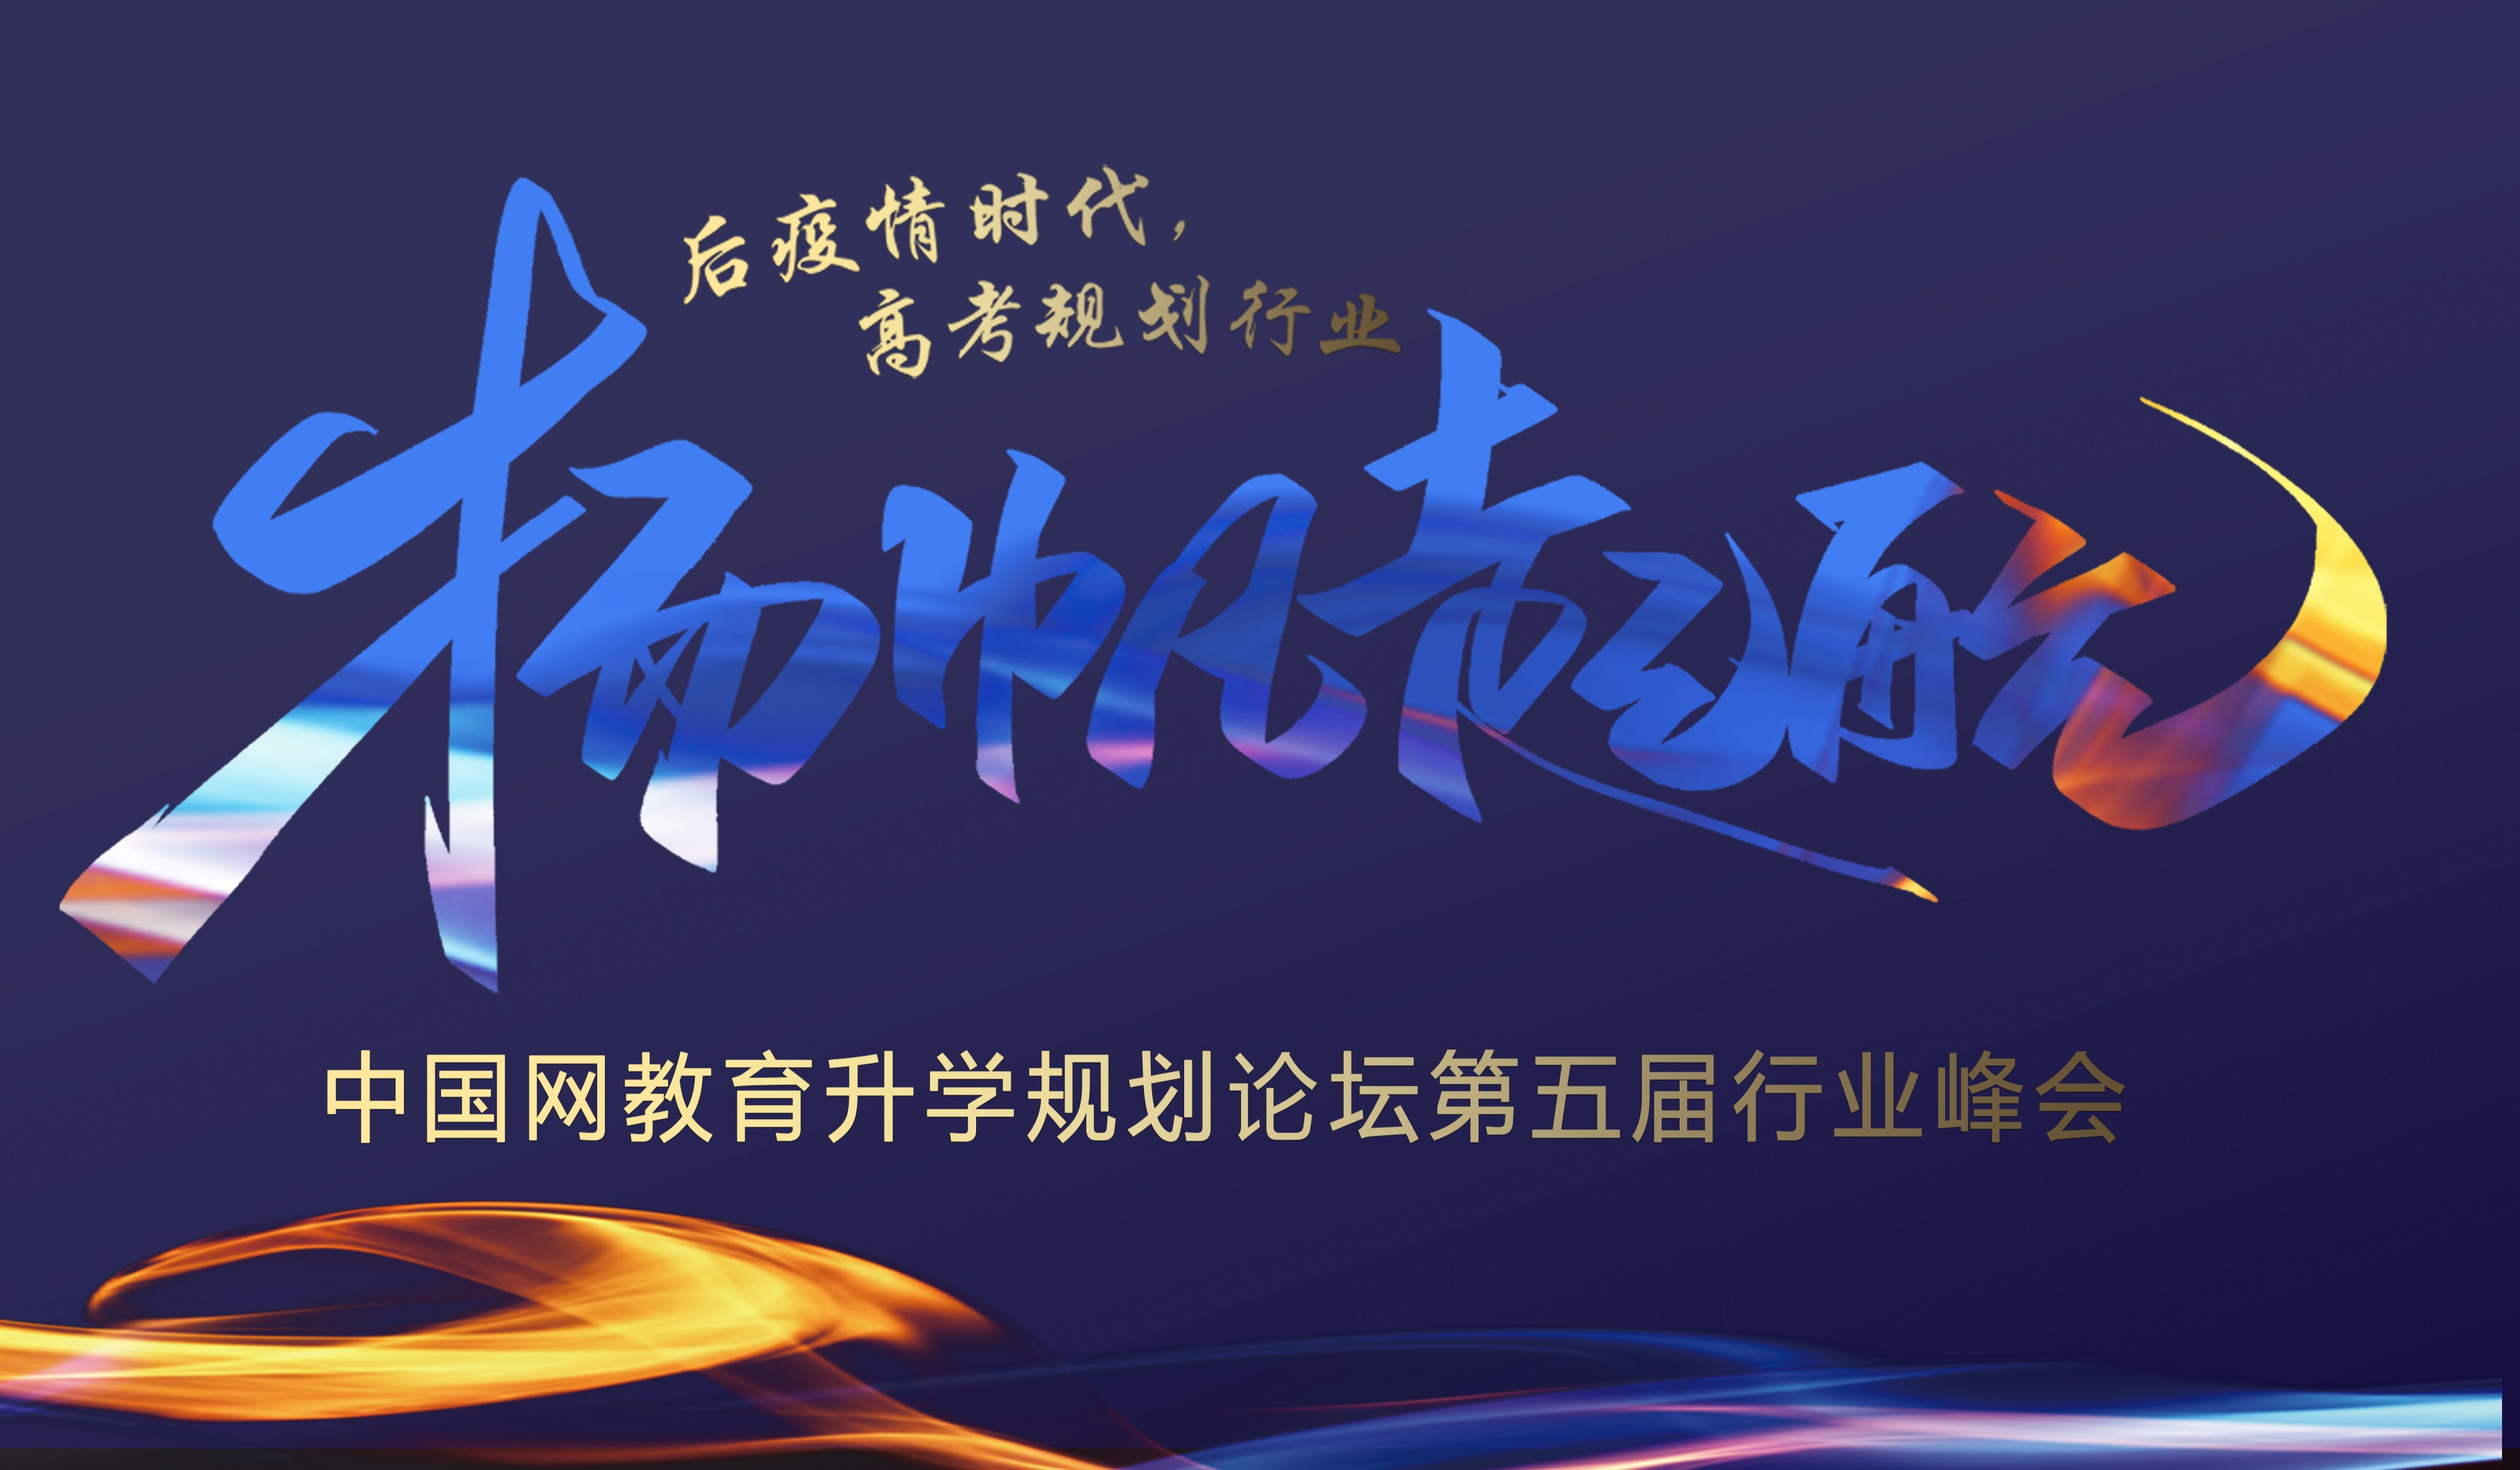 中国网教育升学规划论坛 第五届行业峰会 即将拉开帷幕!